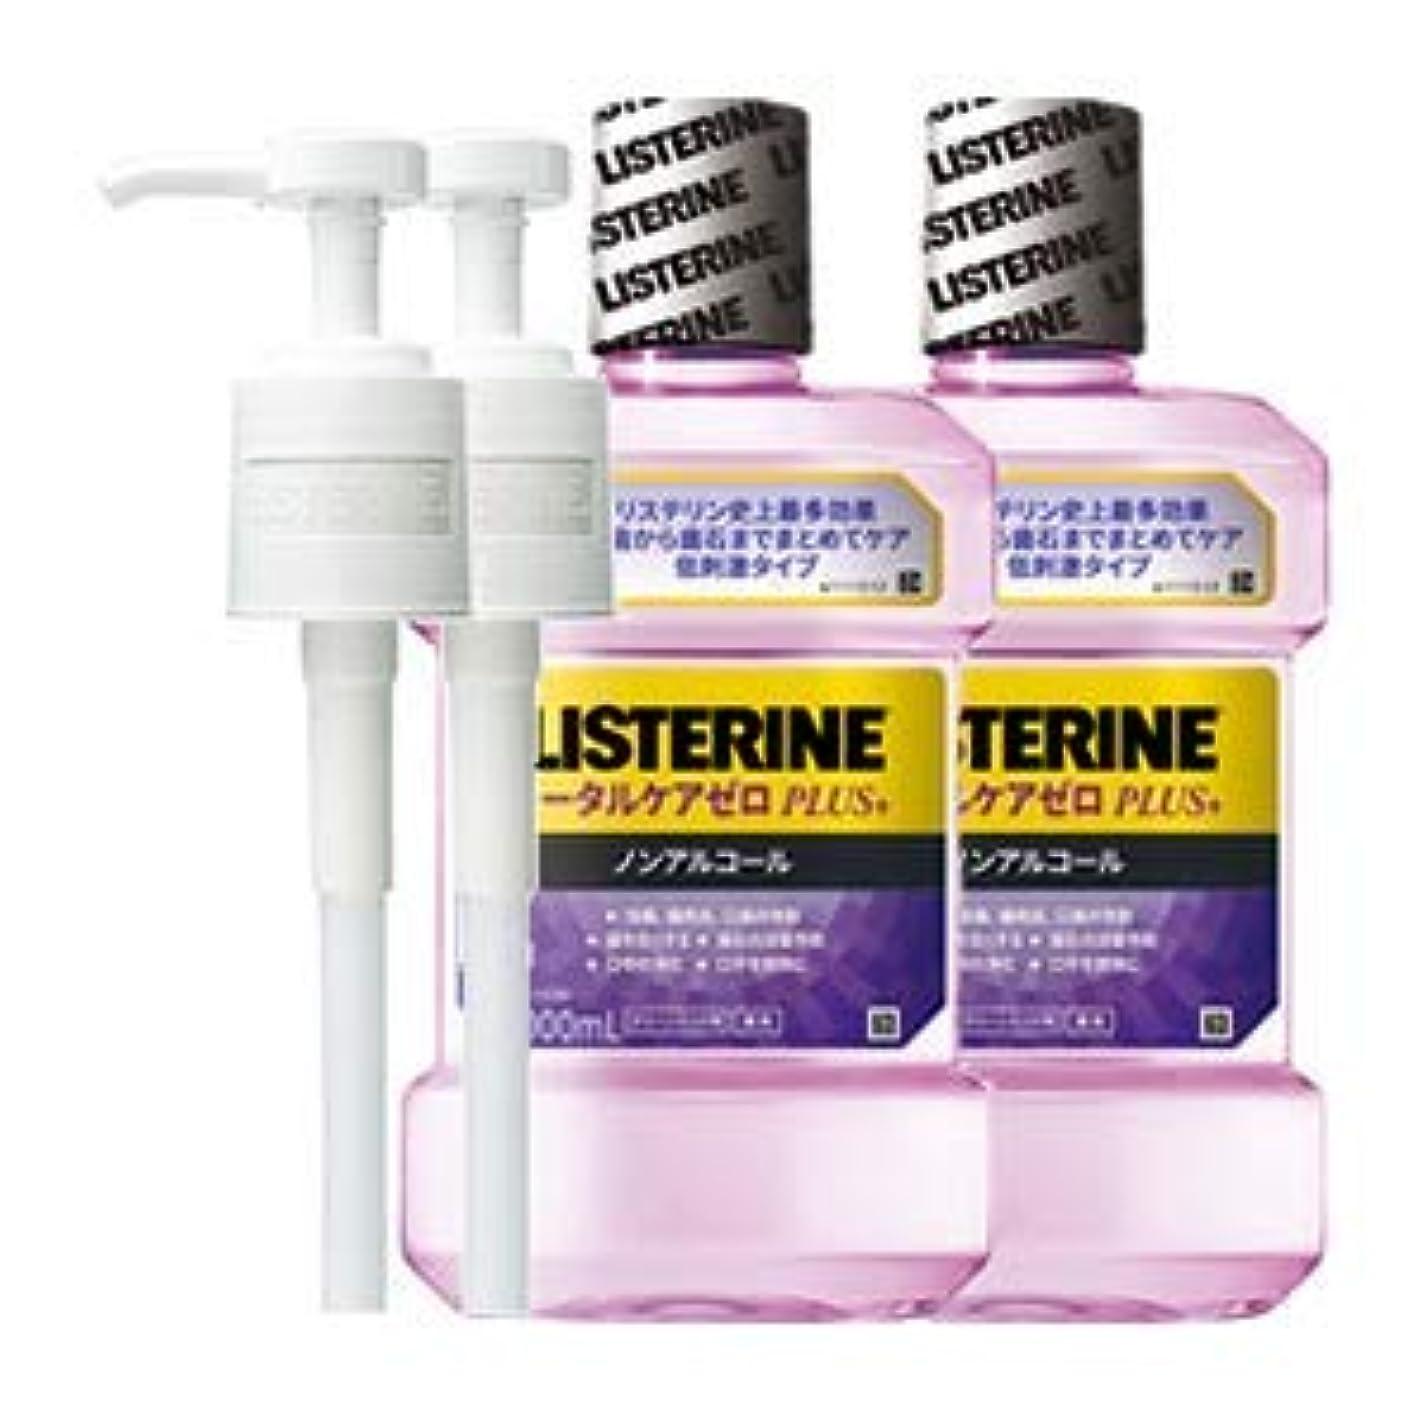 貨物教バレーボール薬用リステリン トータルケアゼロプラス (液体歯磨) 1000mL 2点セット (ポンプ付)